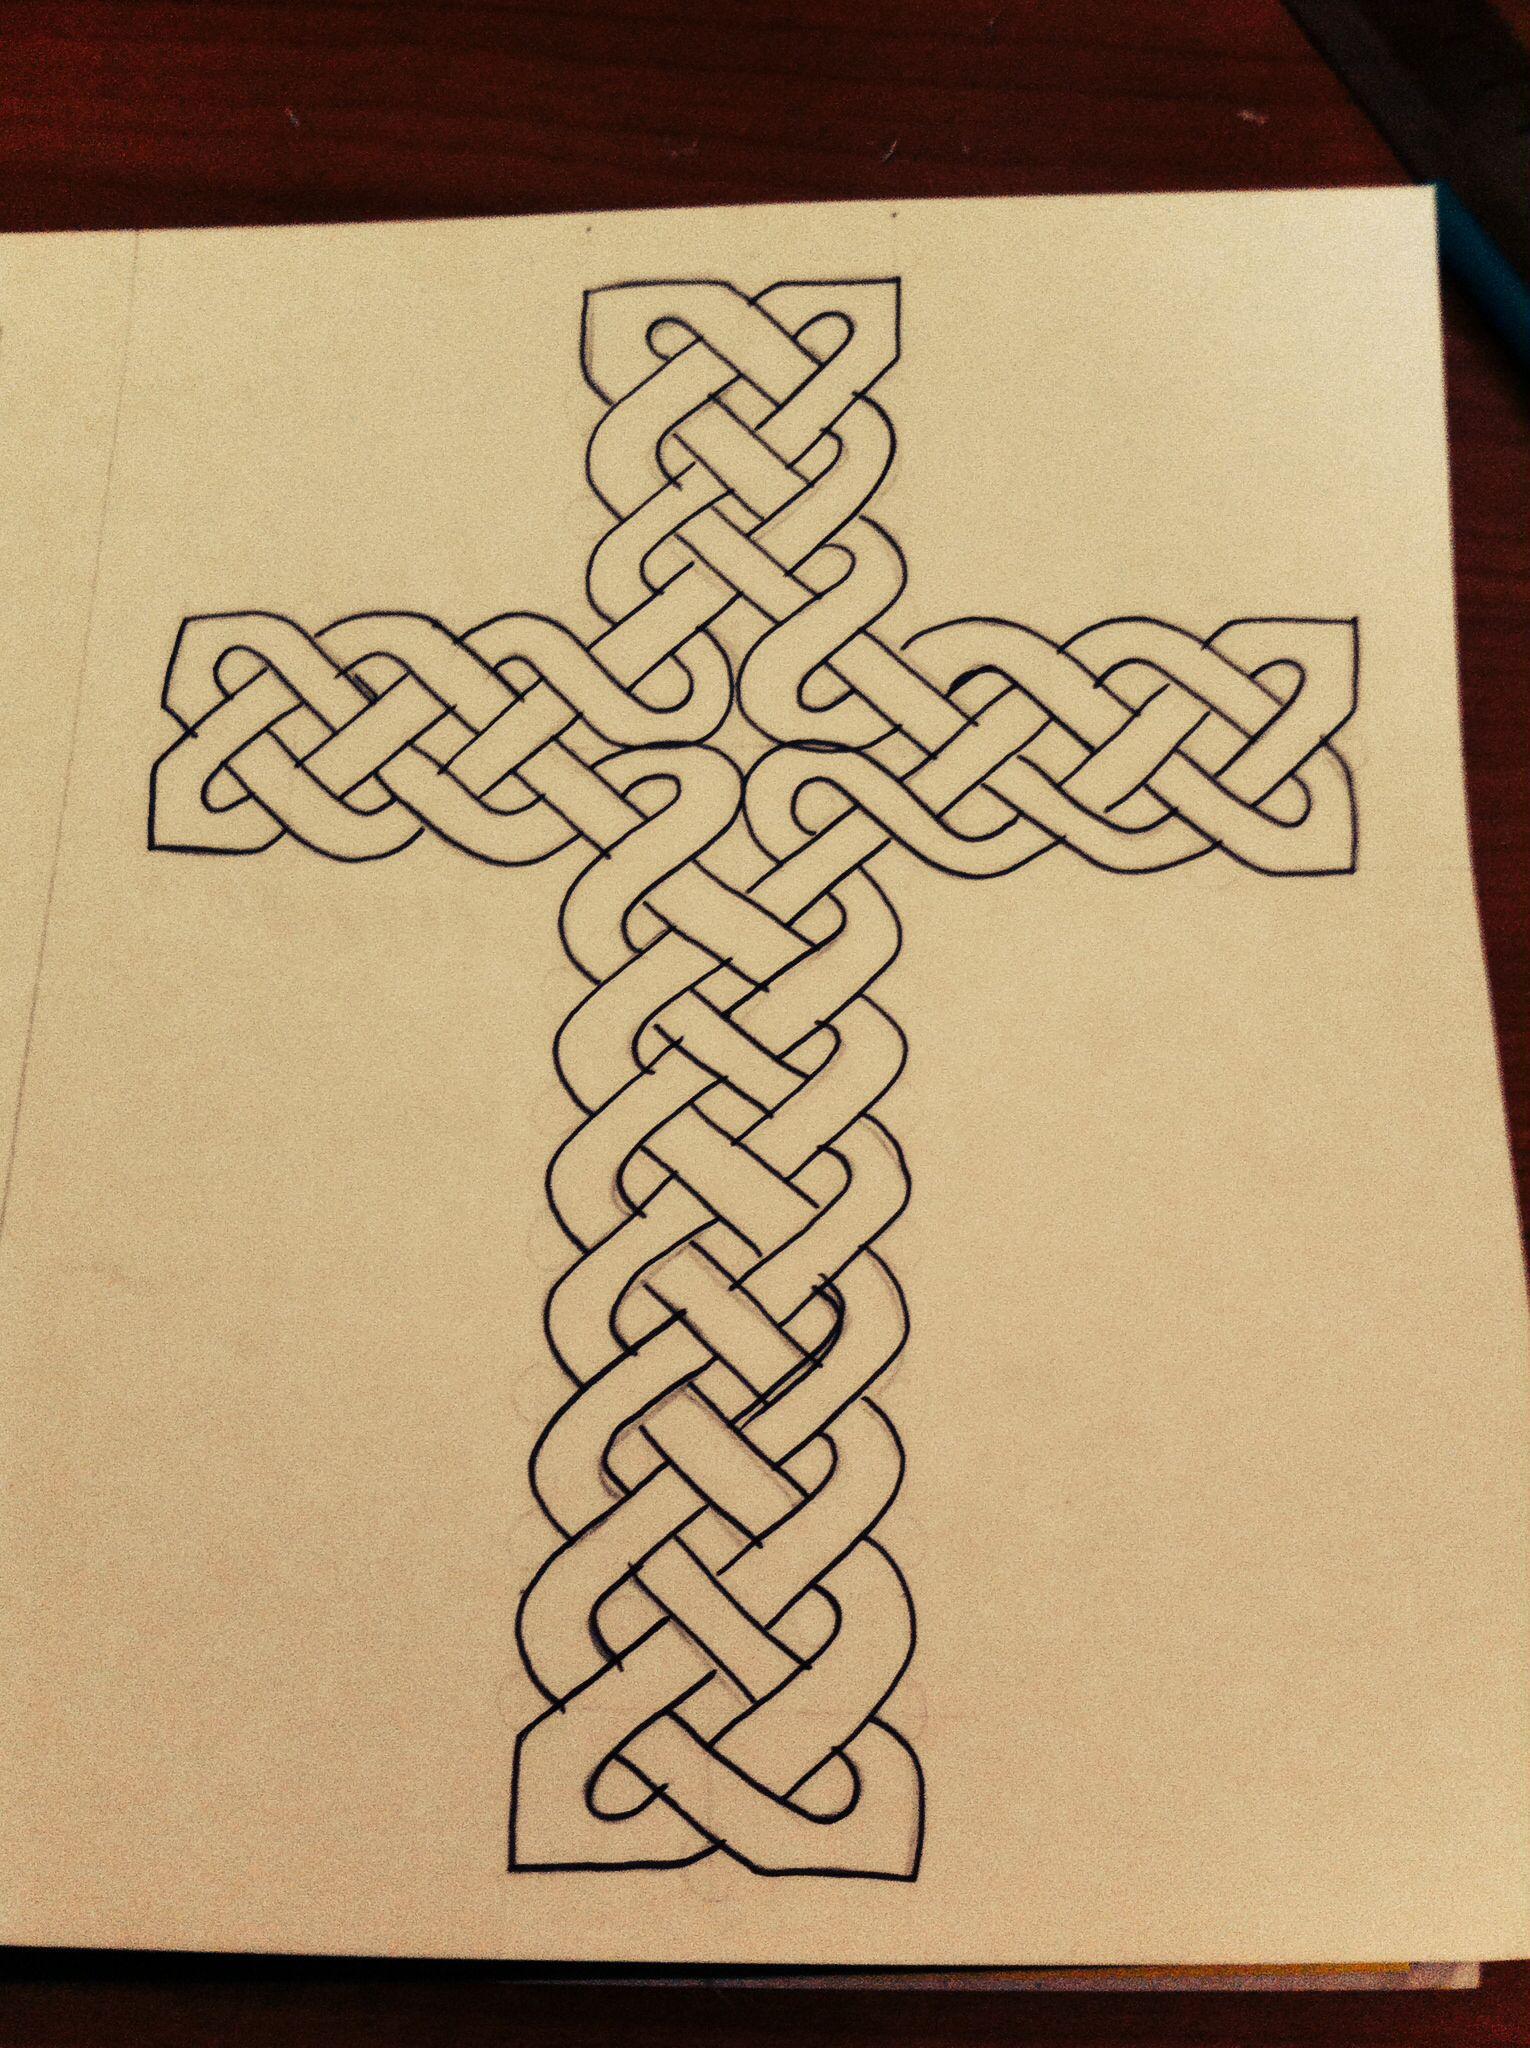 Cruz celta | Repujado | Pinterest | Cruces celtas, Celta y Repujado